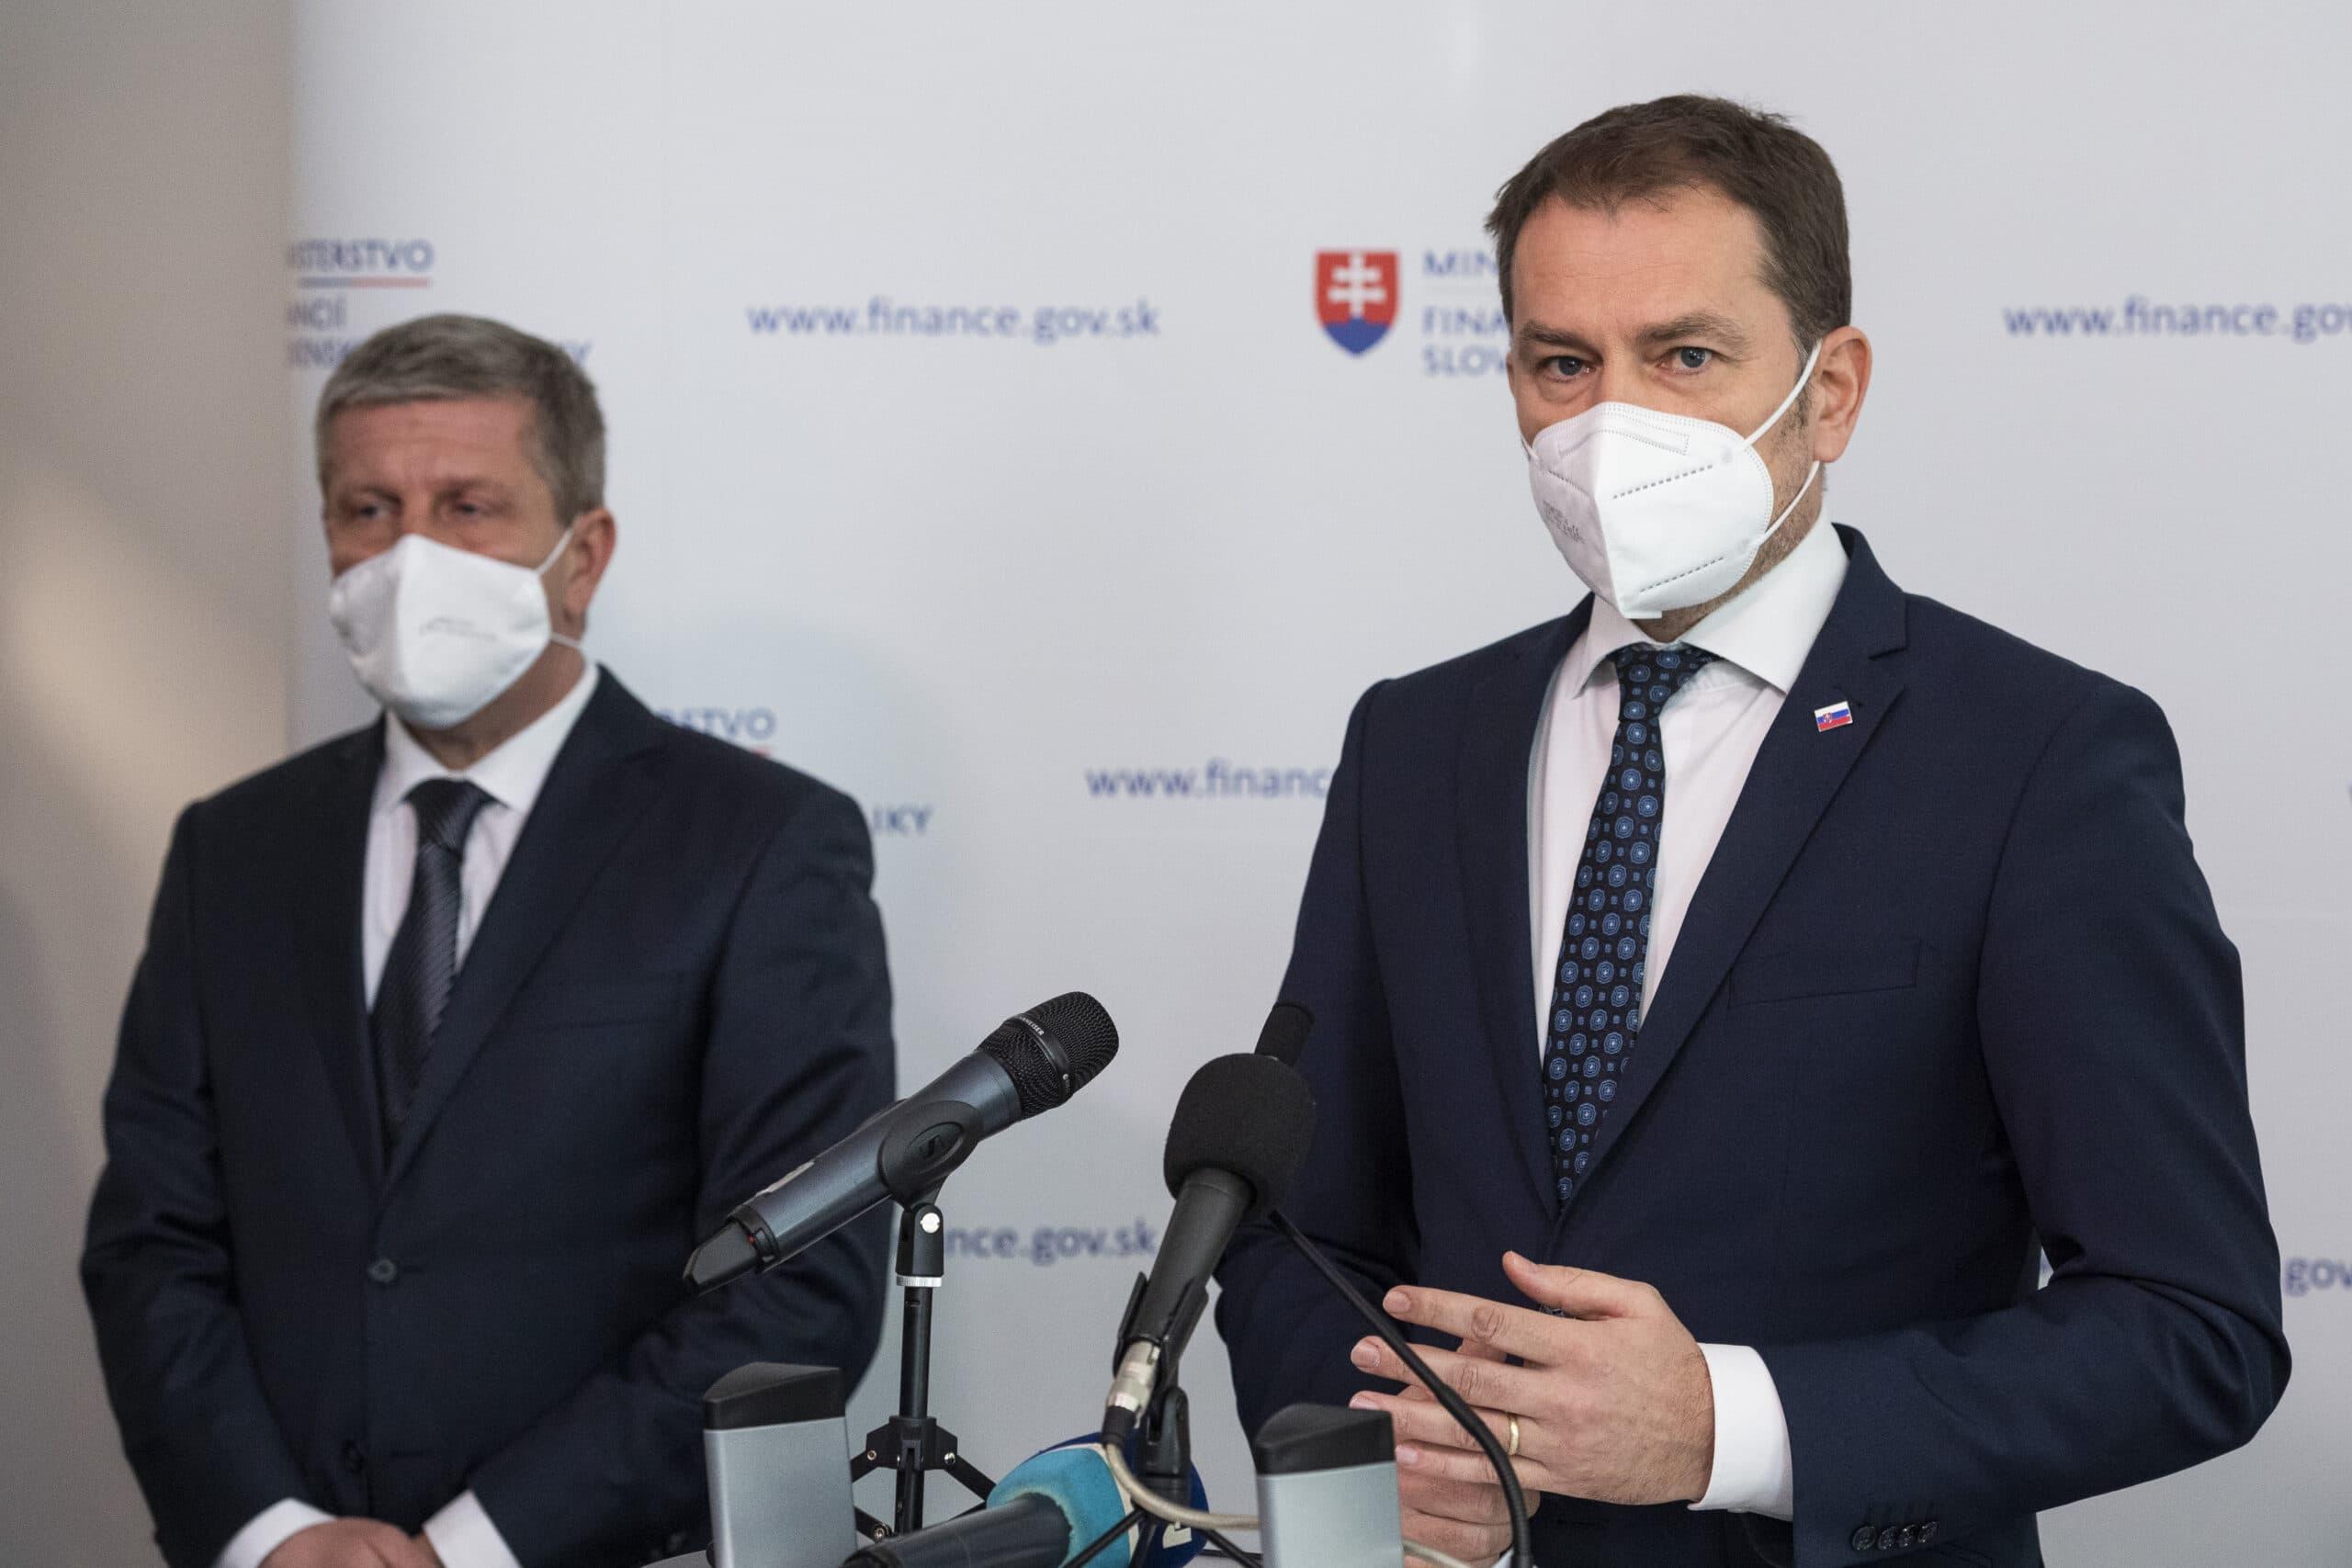 Mimoriadna správa! Minister zdravotníctva: Plošné testovania už nebudú!